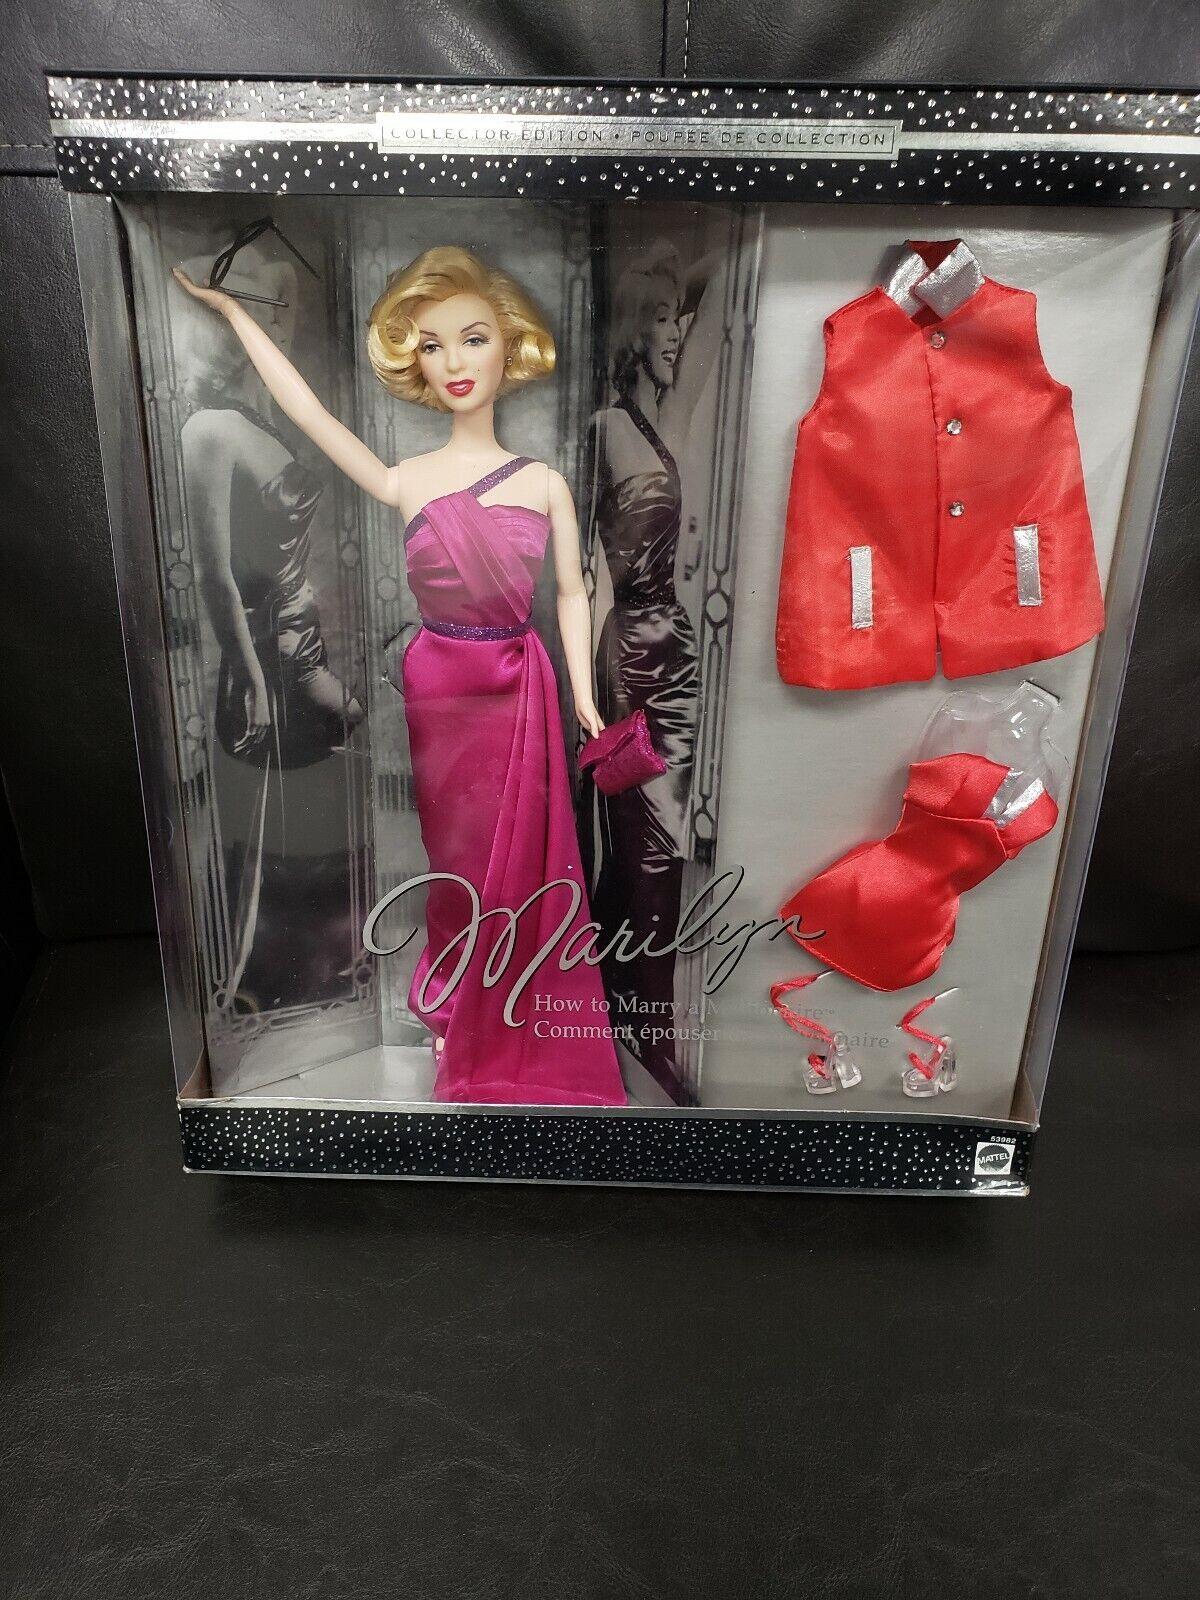 Muñeca Barbie como Marilyn Monroe cómo casarse con millonario Giftset 2001 Mattel agradable